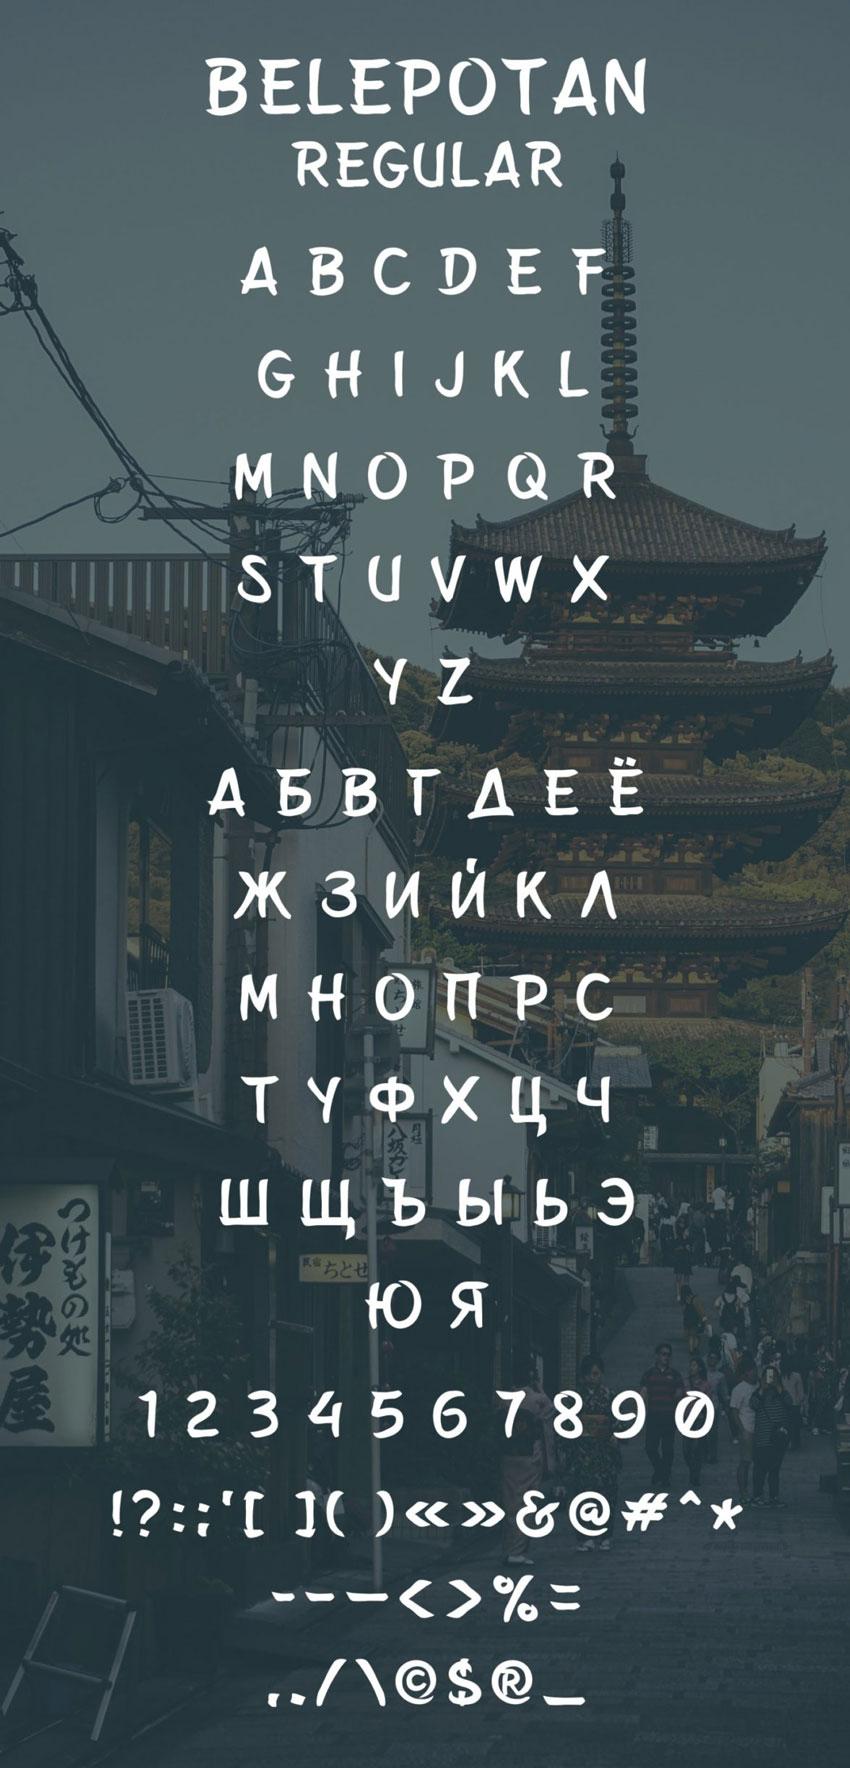 Шрифт Belepotan скачать бесплатно